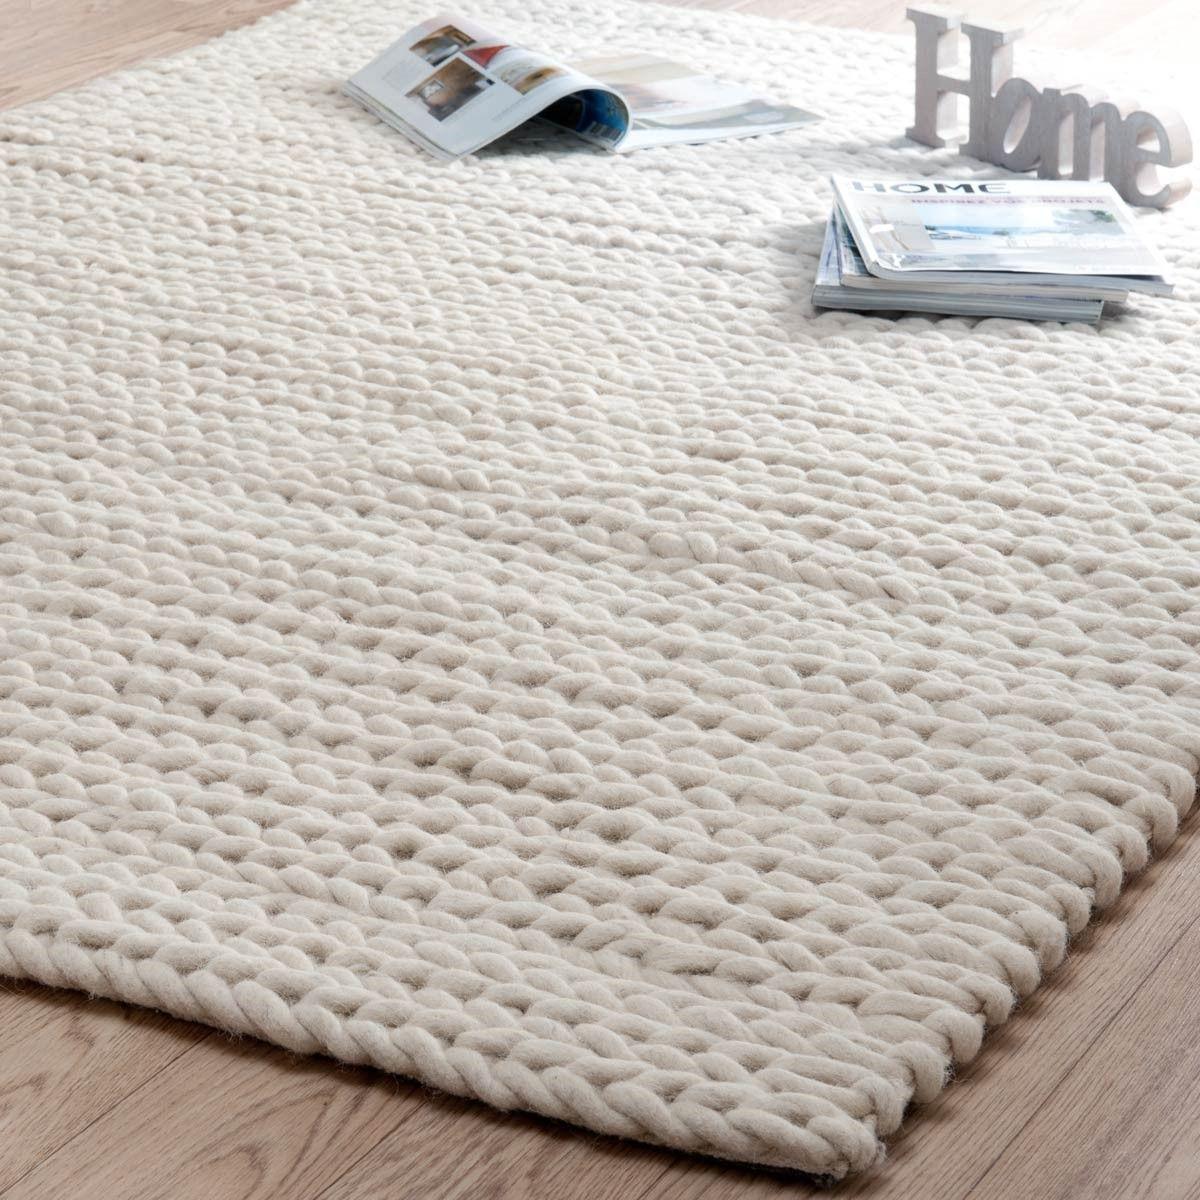 Entzückend Teppich Geflochten   Aufregend Teppich Geflochten